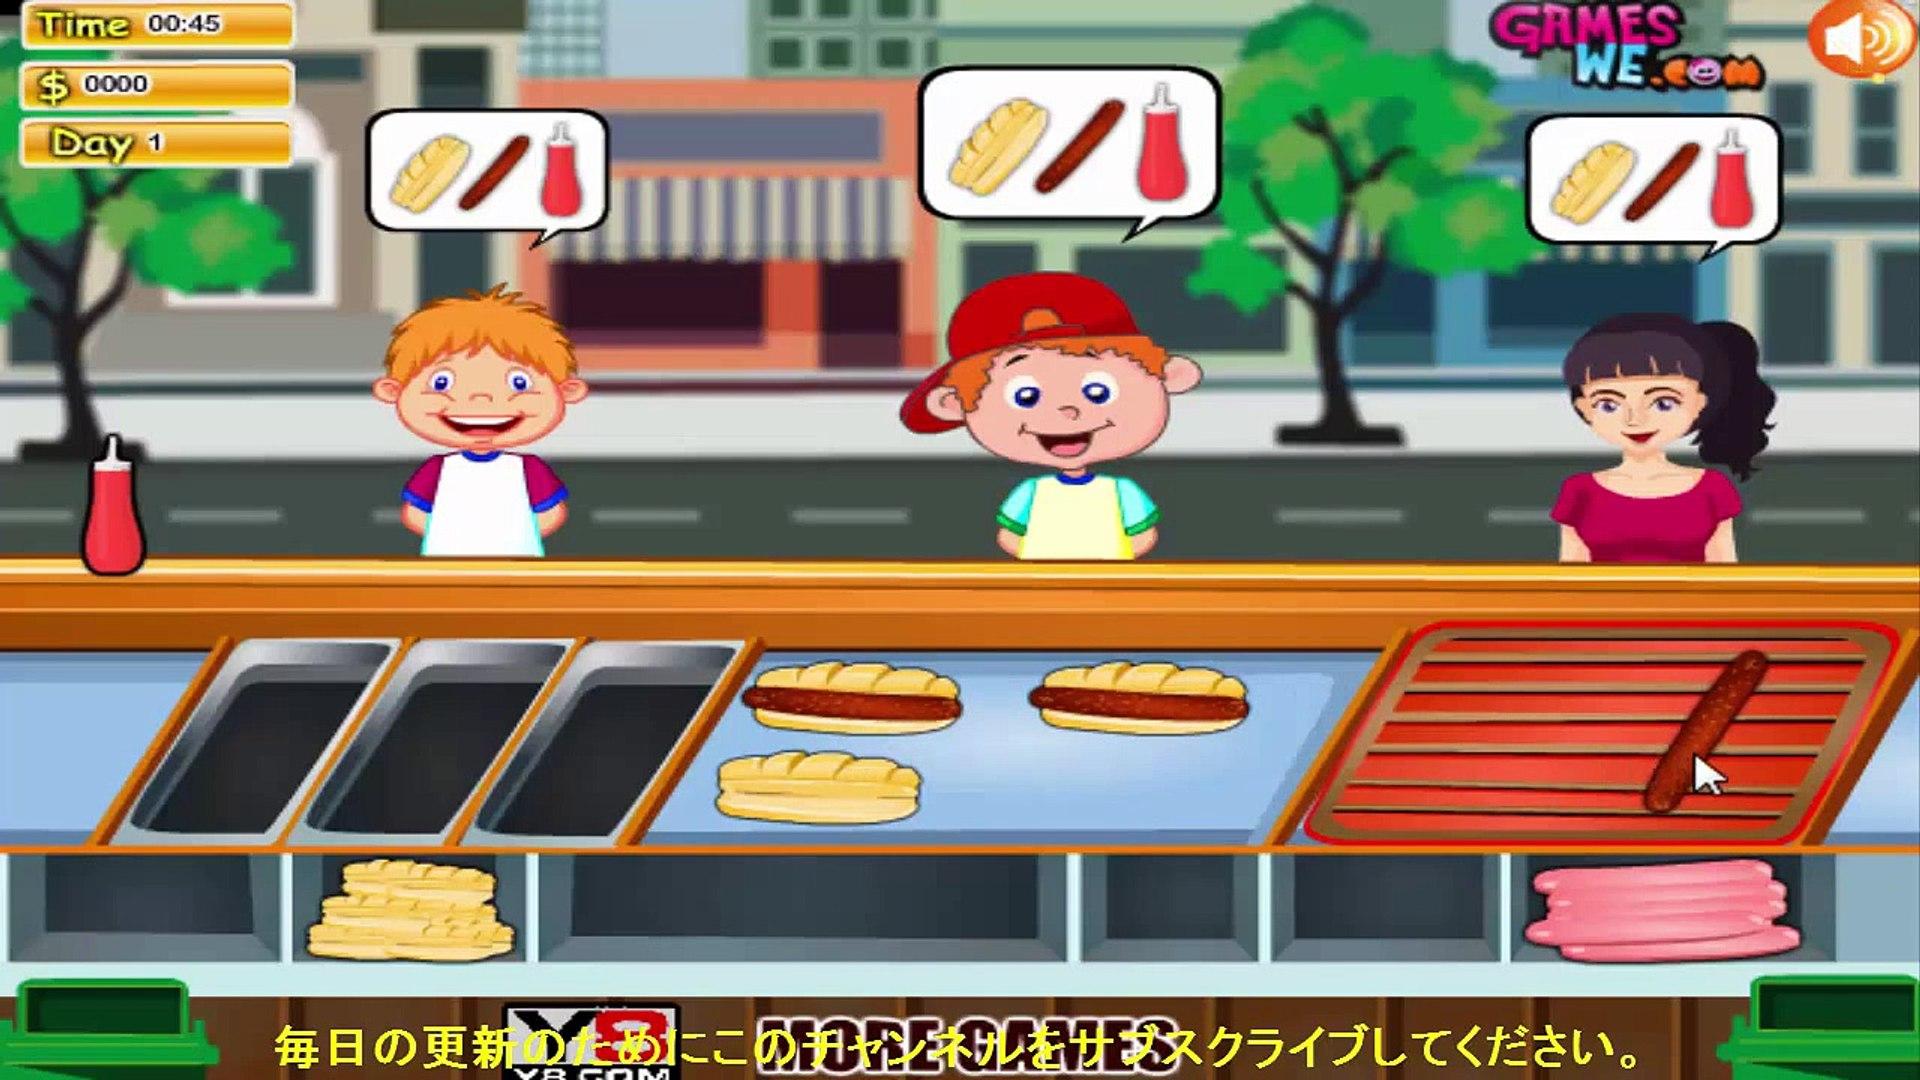 الطبخ لعبة - سوبر برغر تسوق لعبة للأطفال